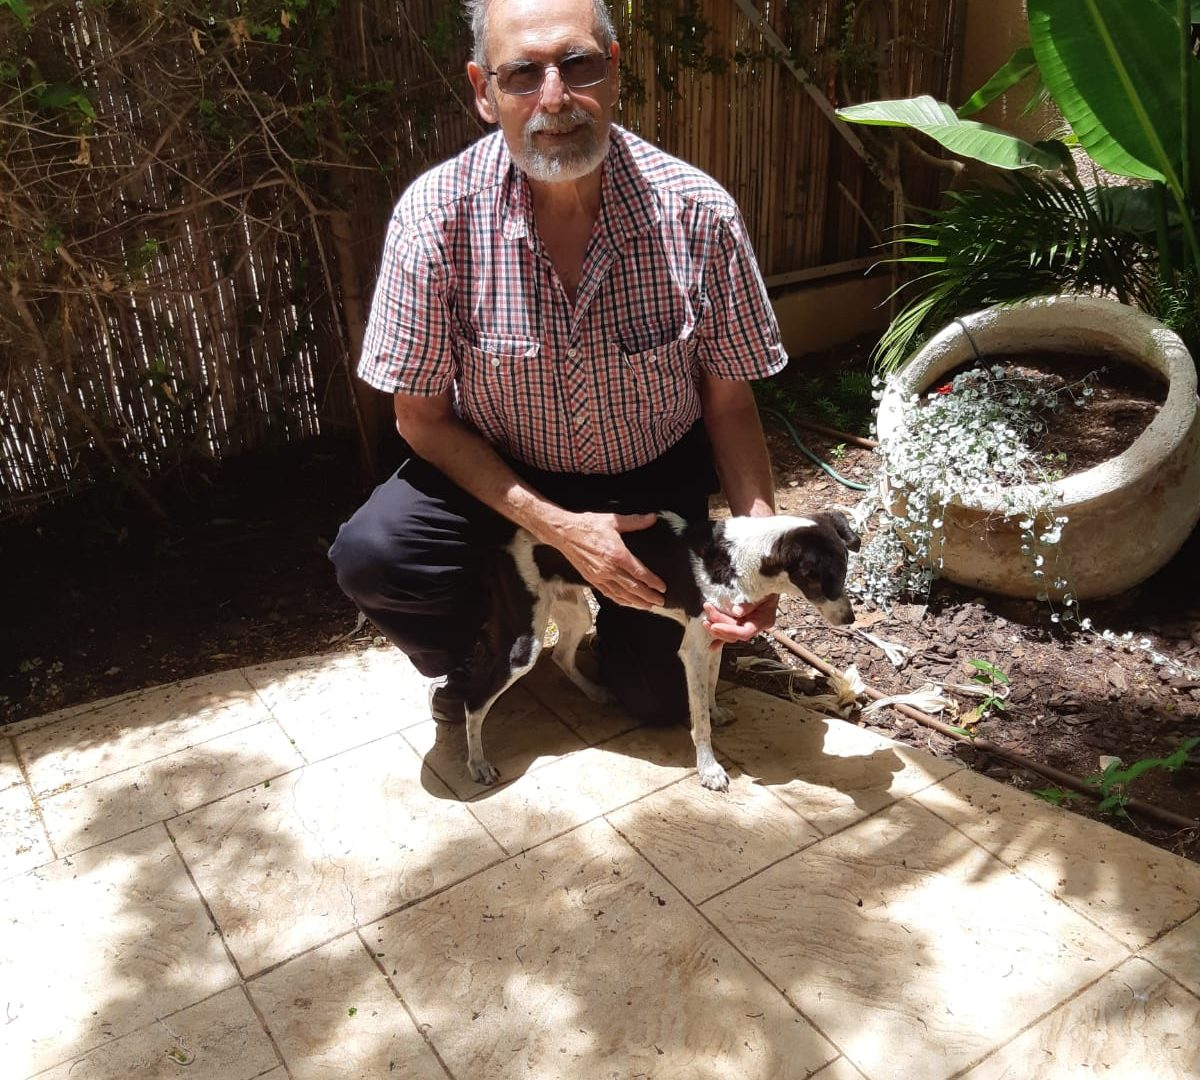 אהרון מצנר וכלבו בובי צילום:עצמי